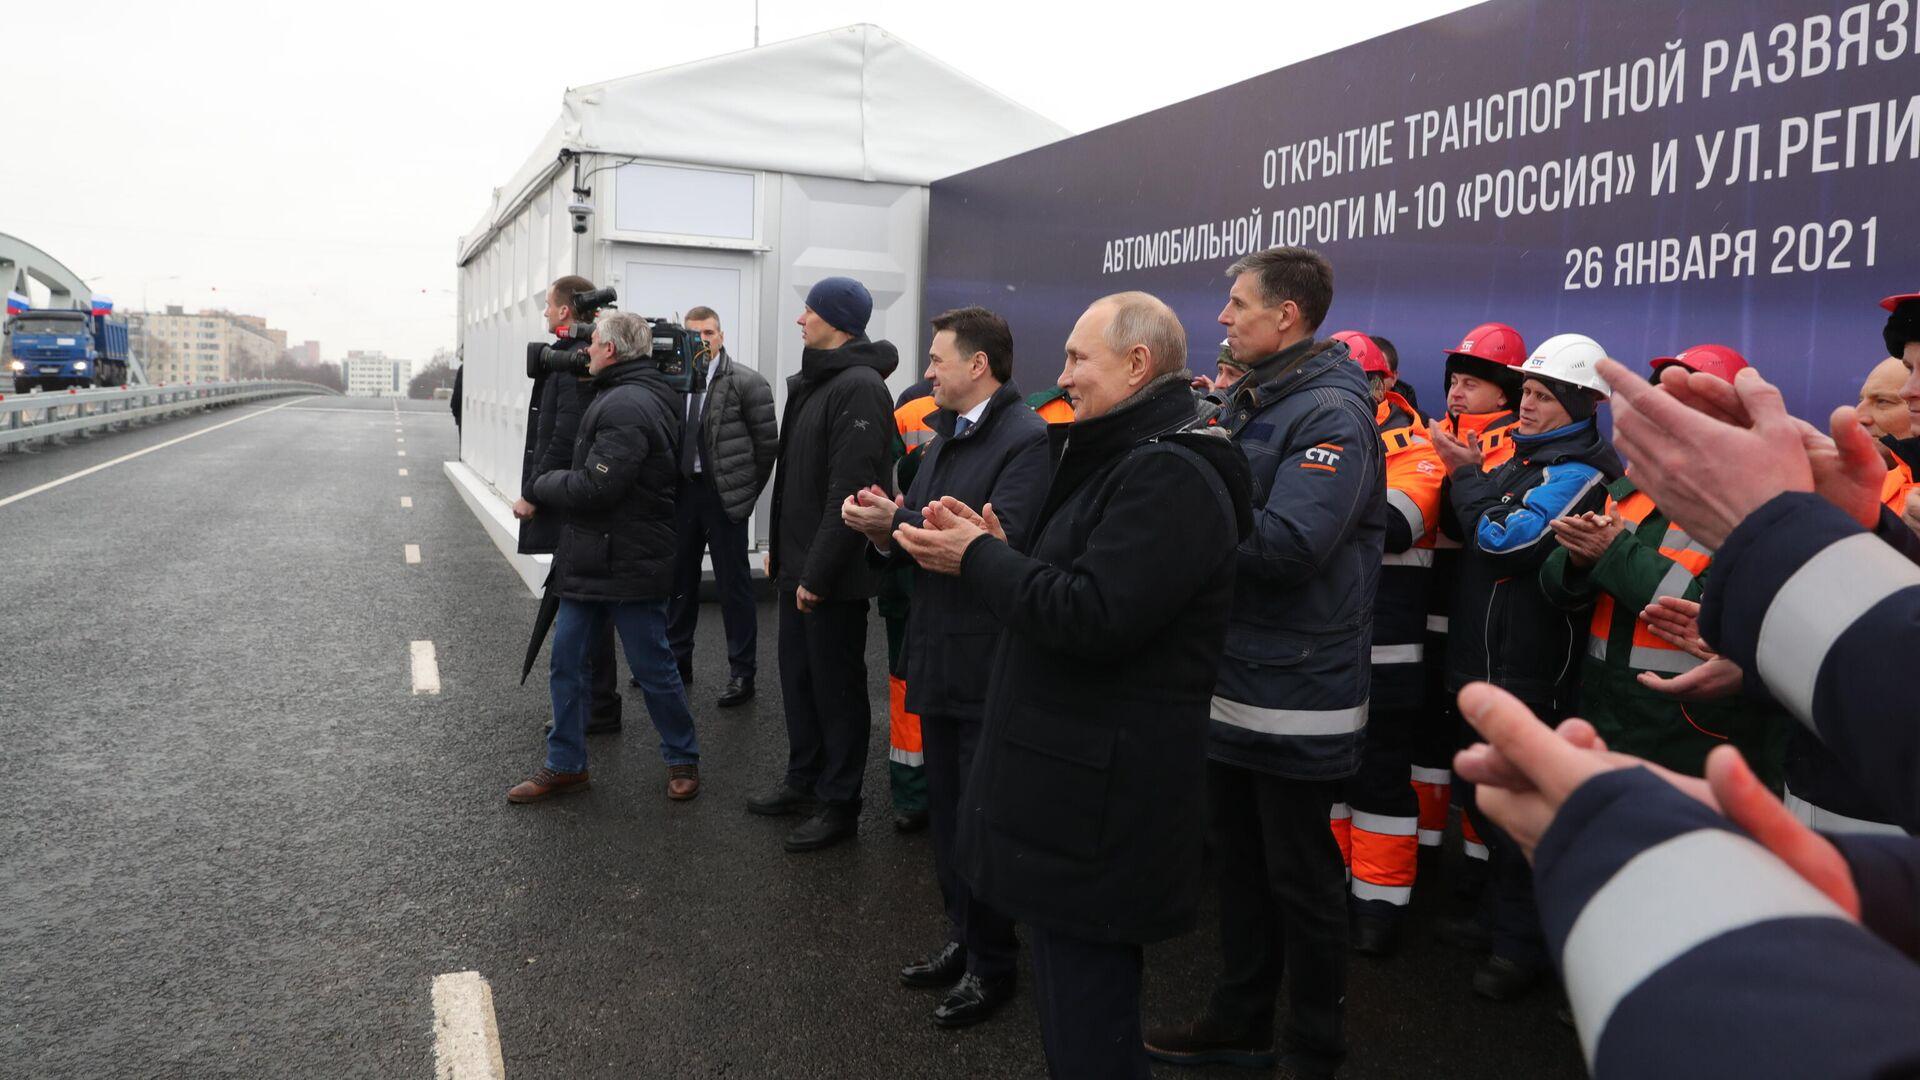 Президент РФ Владимир Путин принимает участие в церемонии открытия транспортной развязки в Химках - РИА Новости, 1920, 26.01.2021